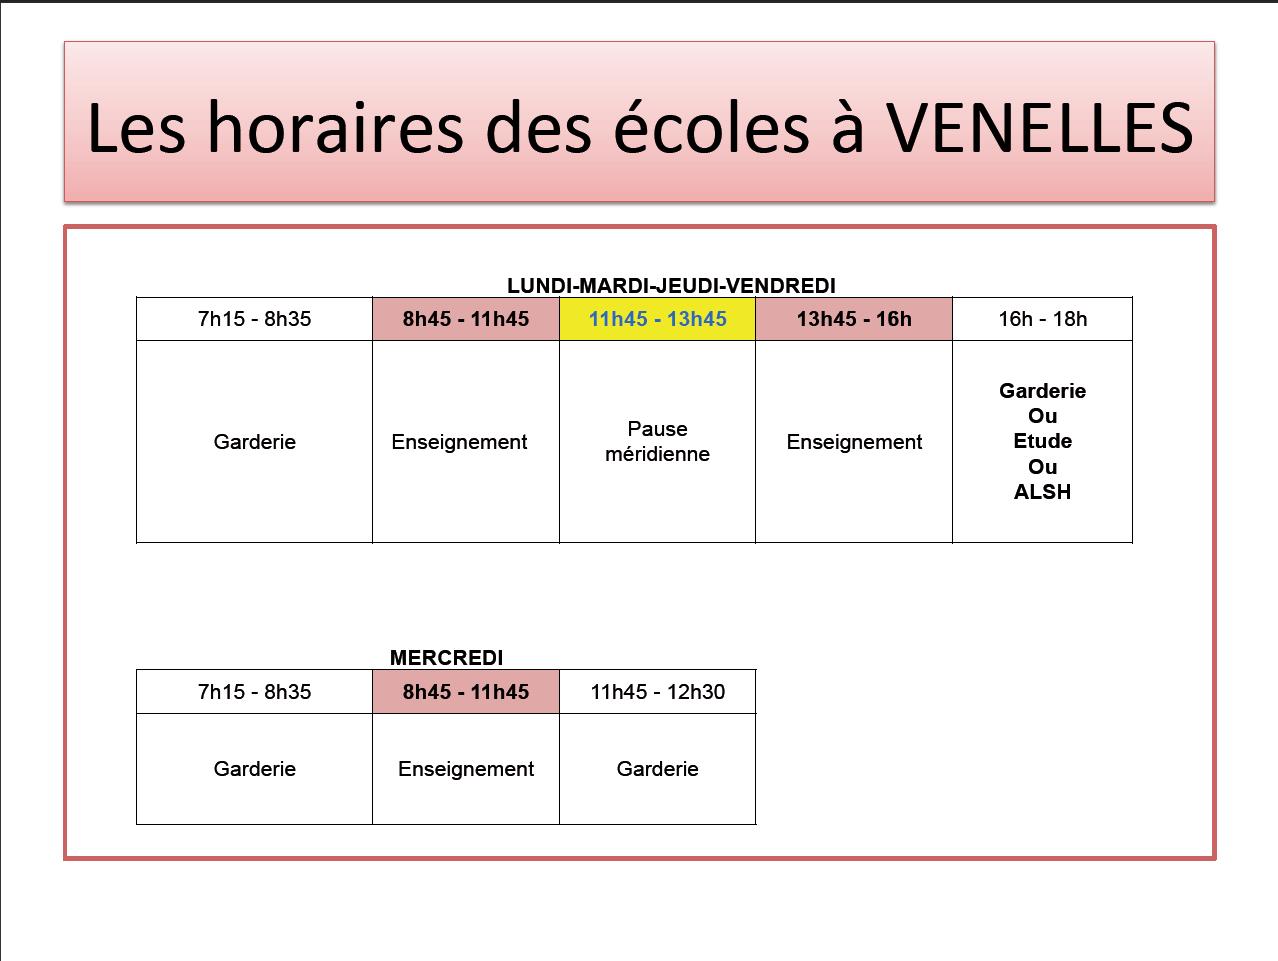 Horaires_ecoles_Venelles